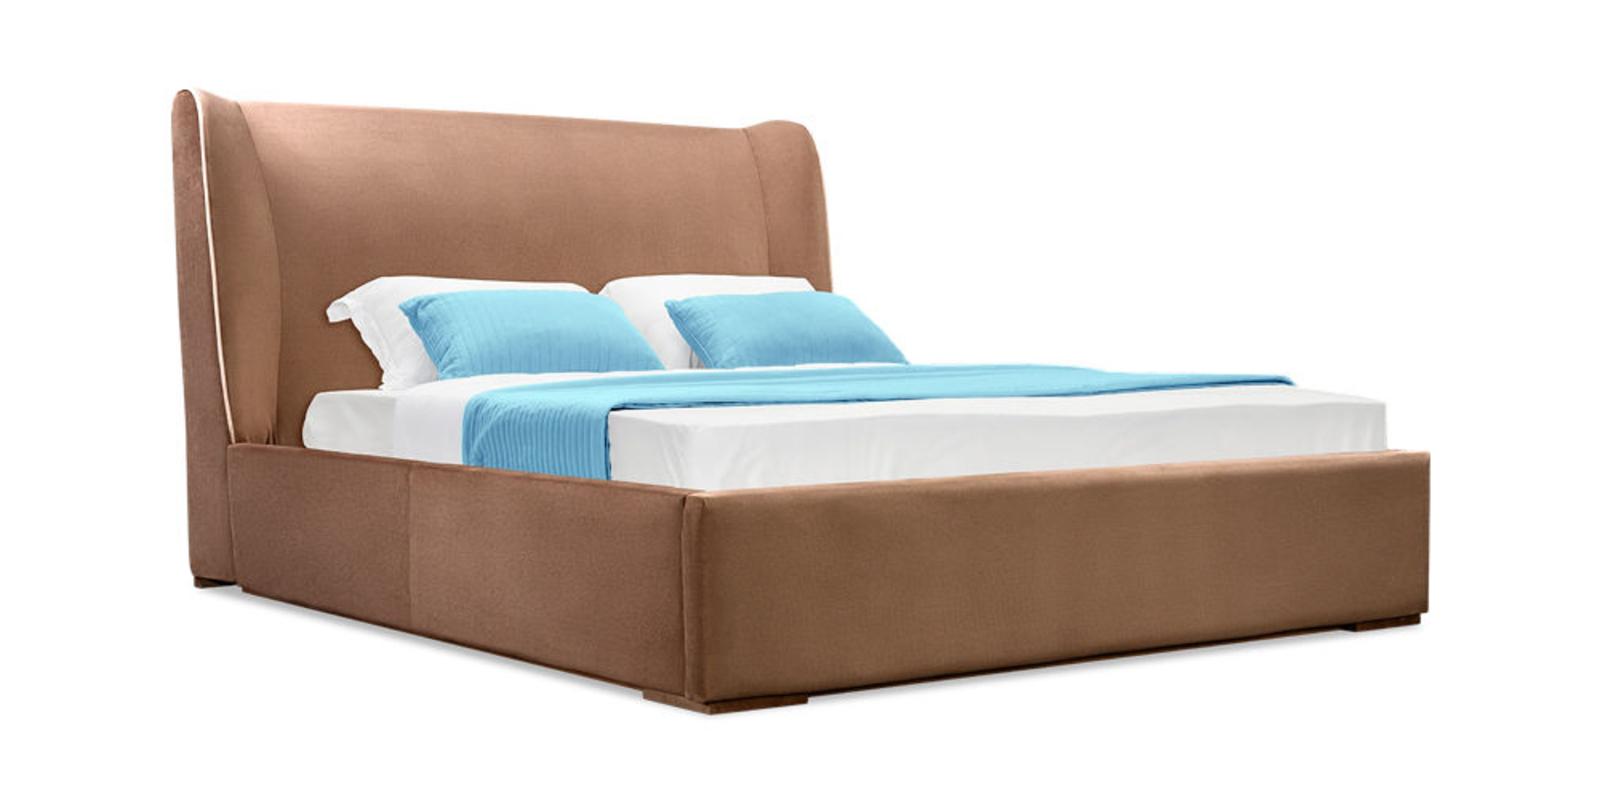 Кровать мягкая Марсель с подъемным механизмом (Velure коричневый)